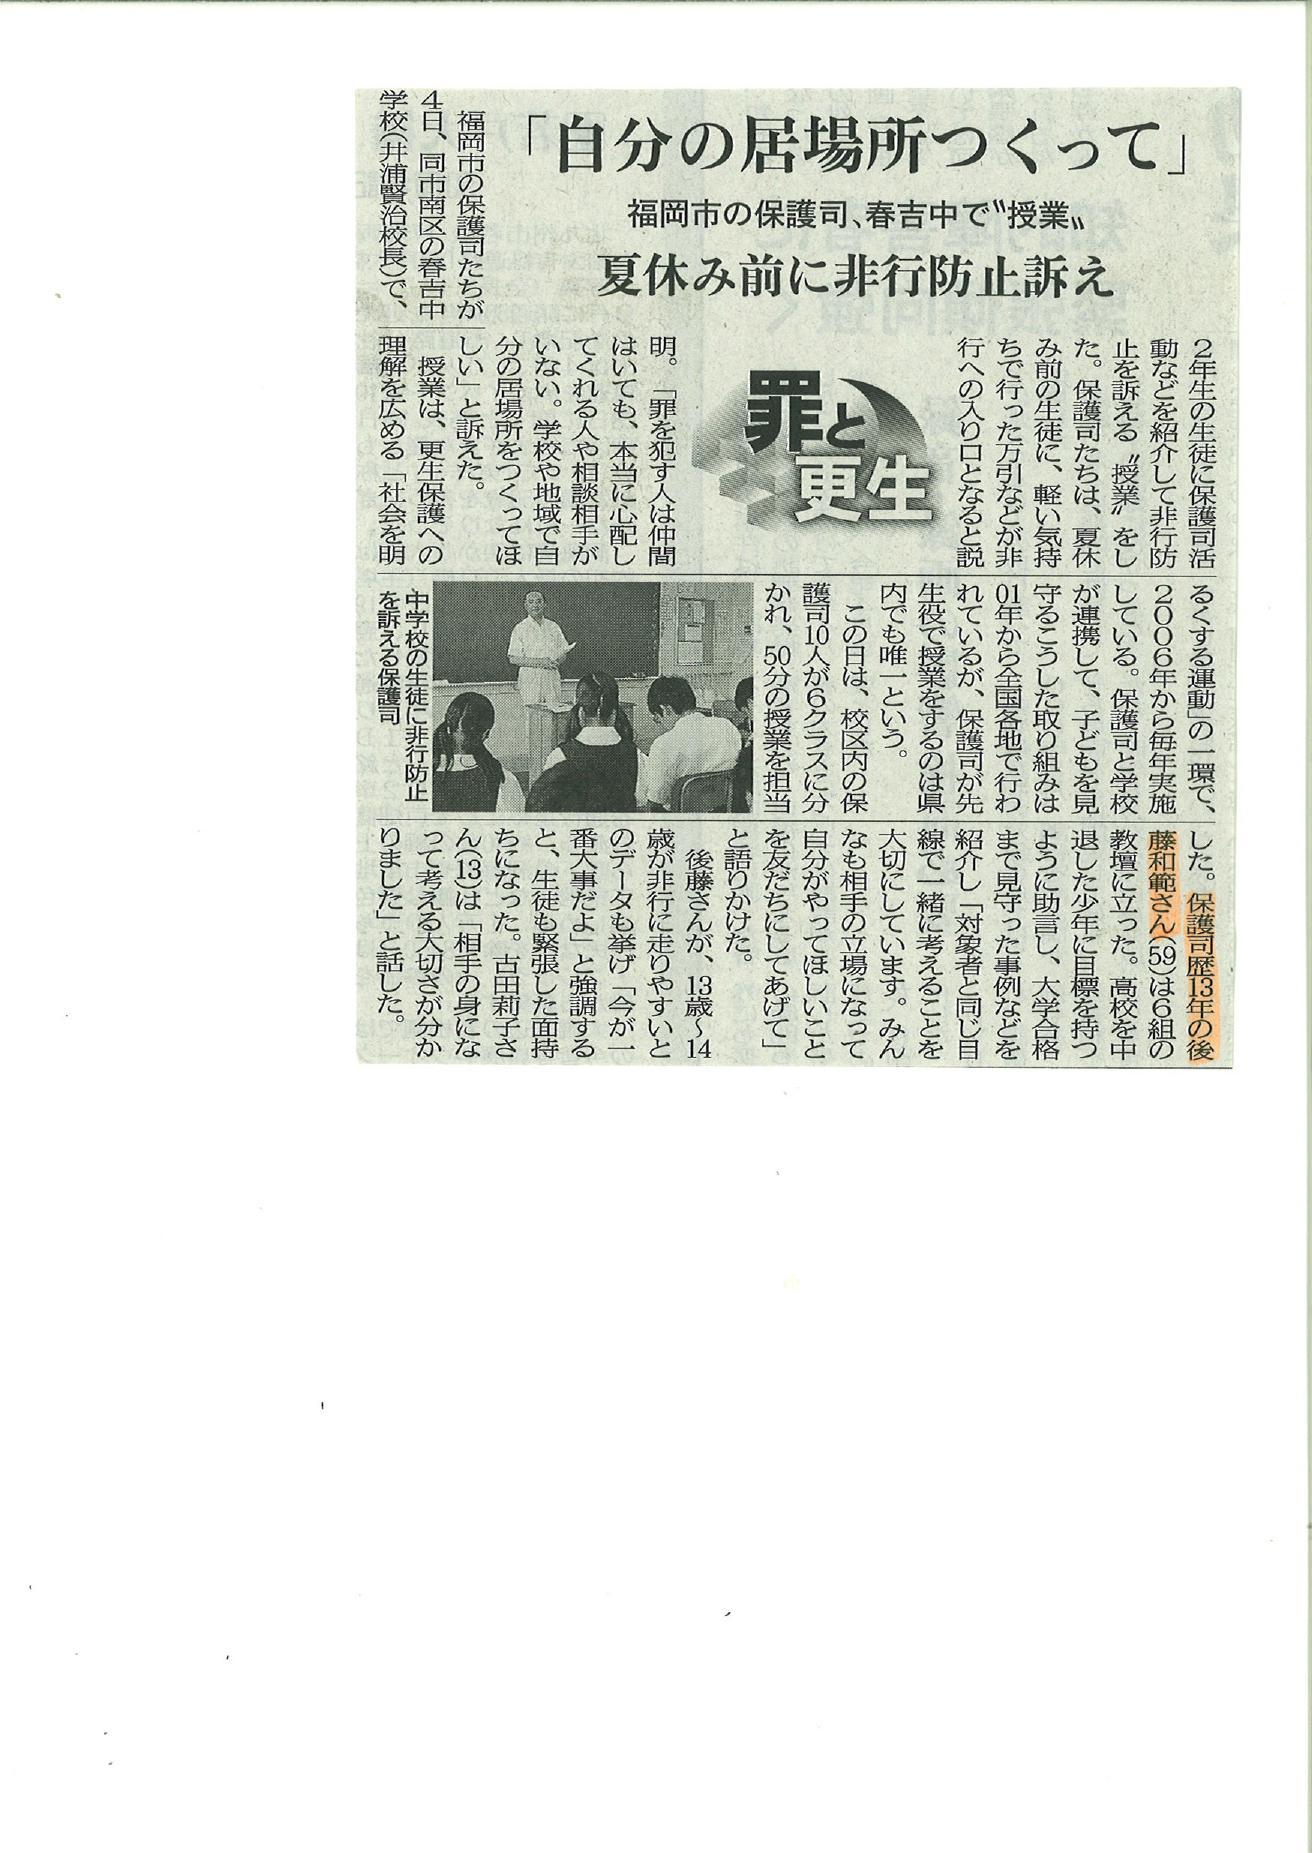 後藤様 新聞記事 1207030001